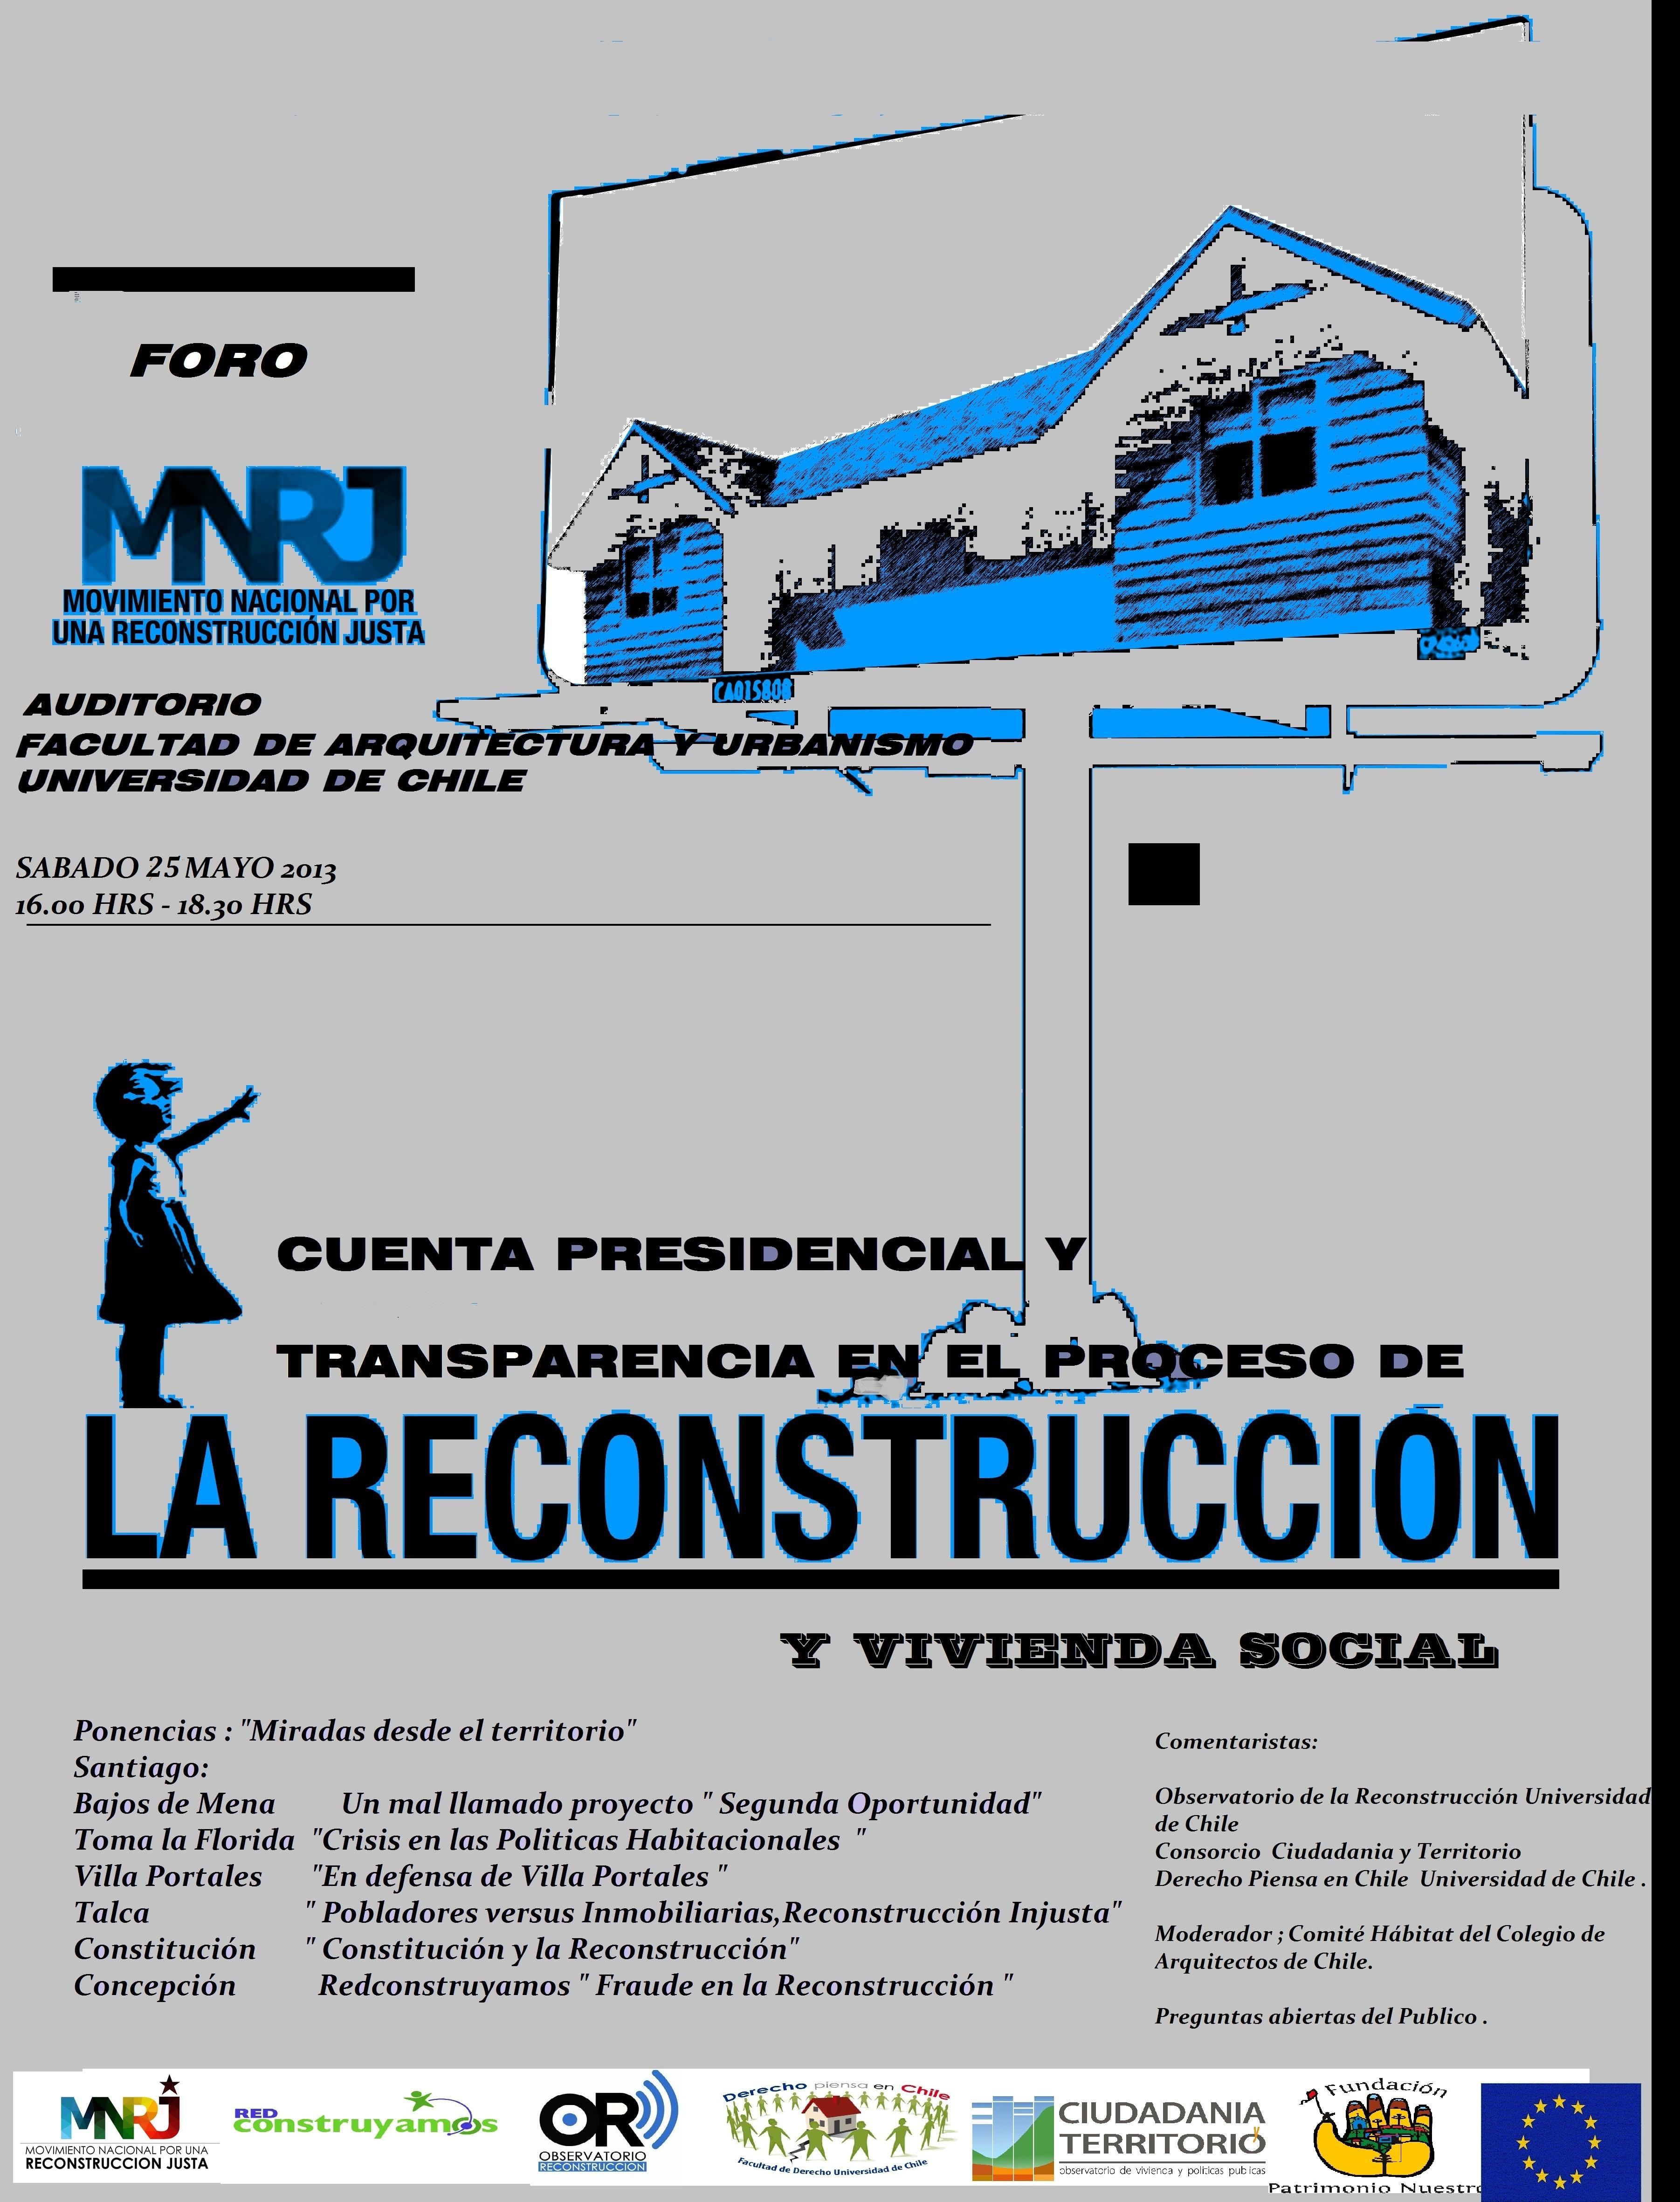 Proceso Mayo 2013 Foro Mnrj 24 Mayo 2013